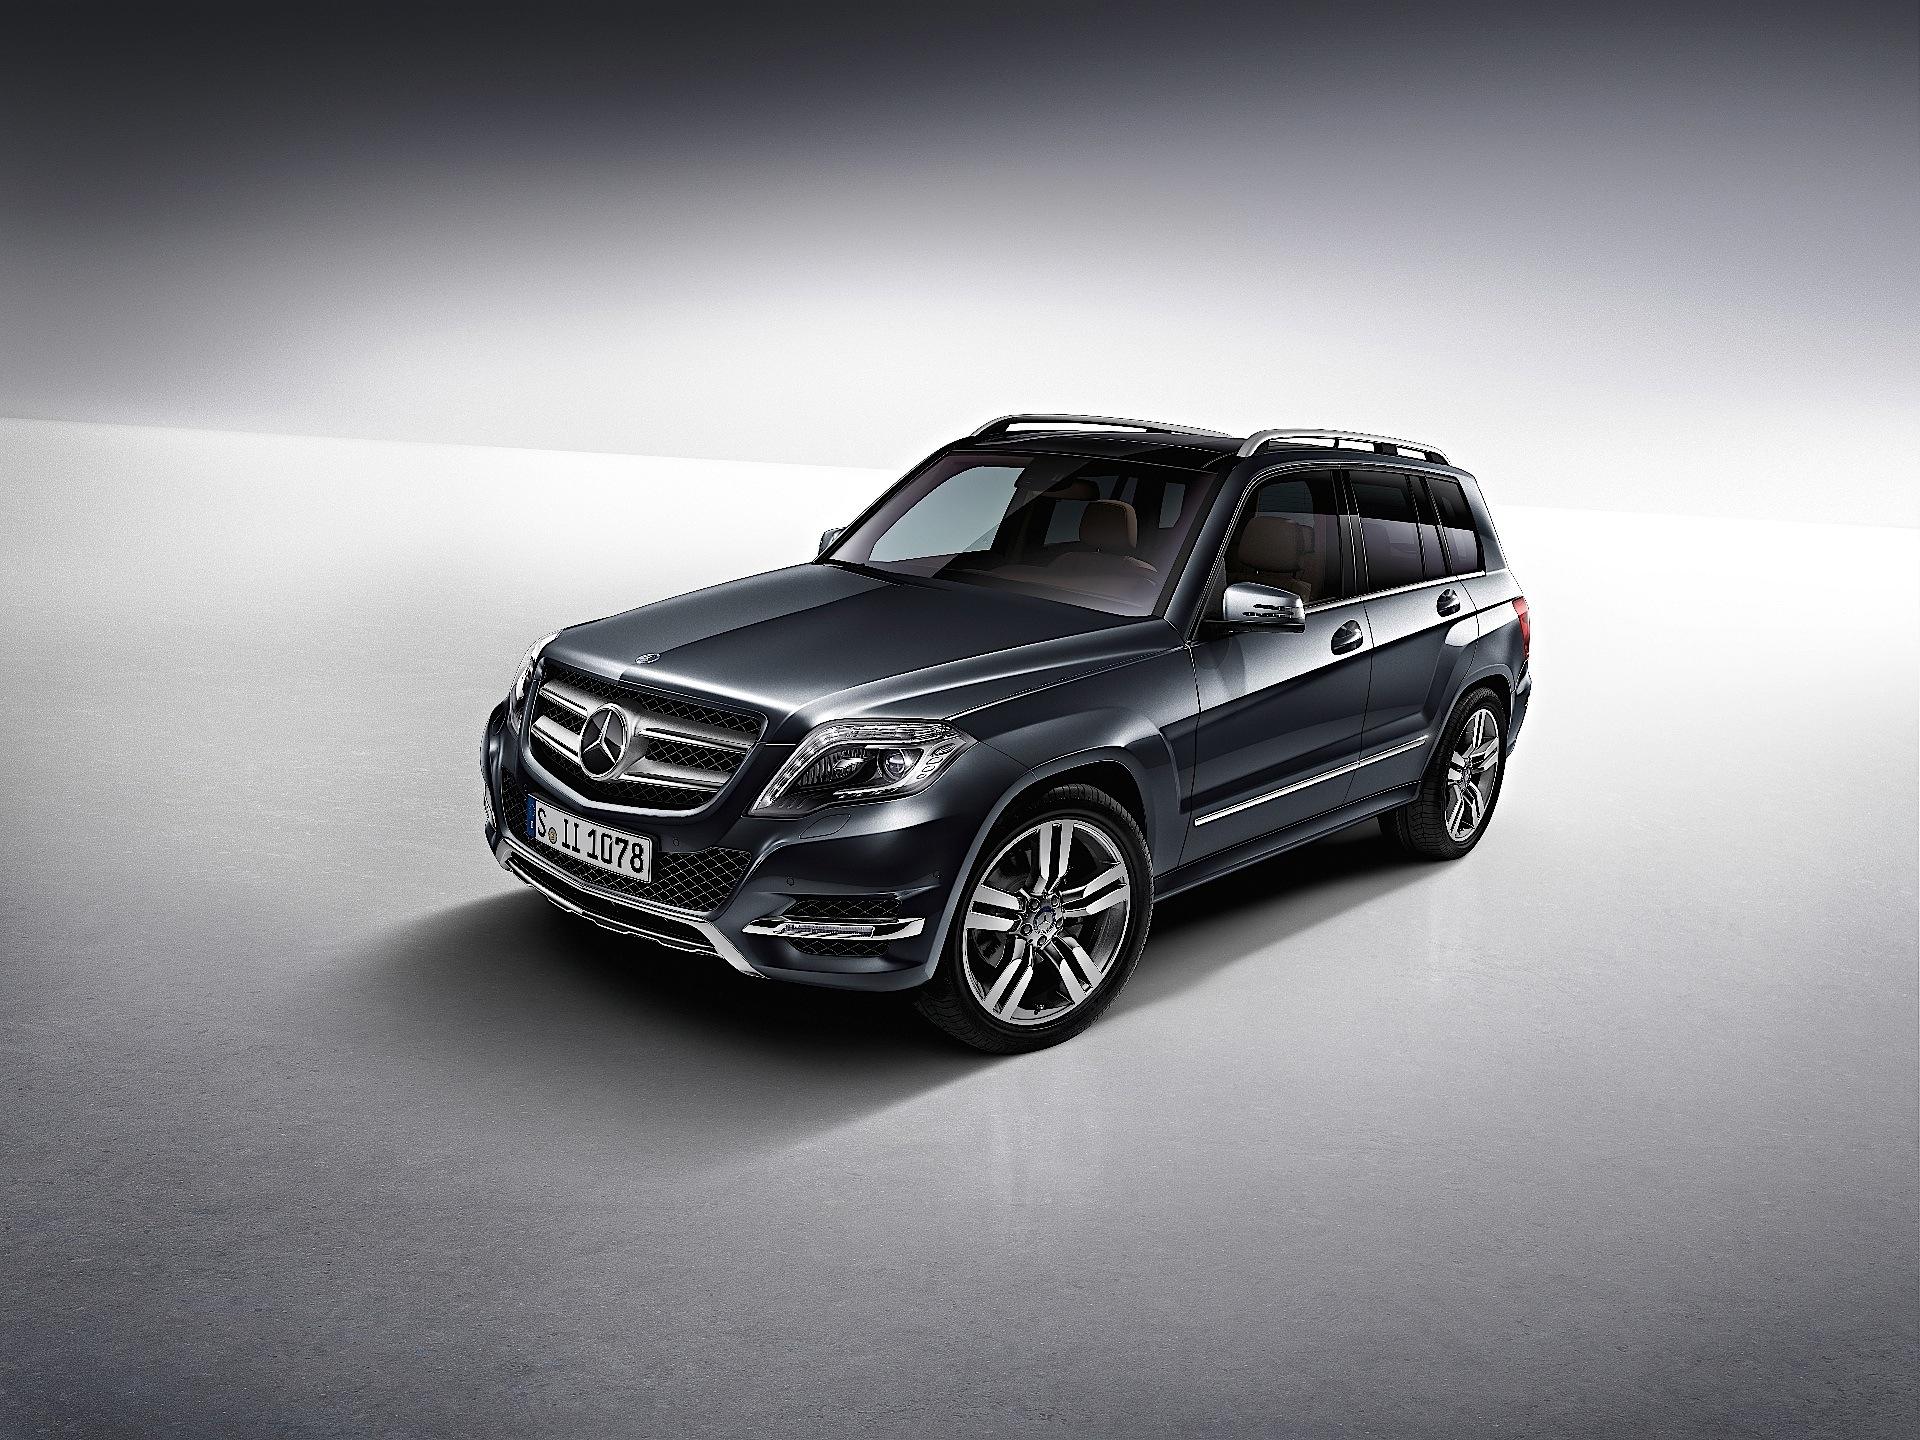 Glk 250 compare glk 350 autos post for Mercedes benz glk consumer reports